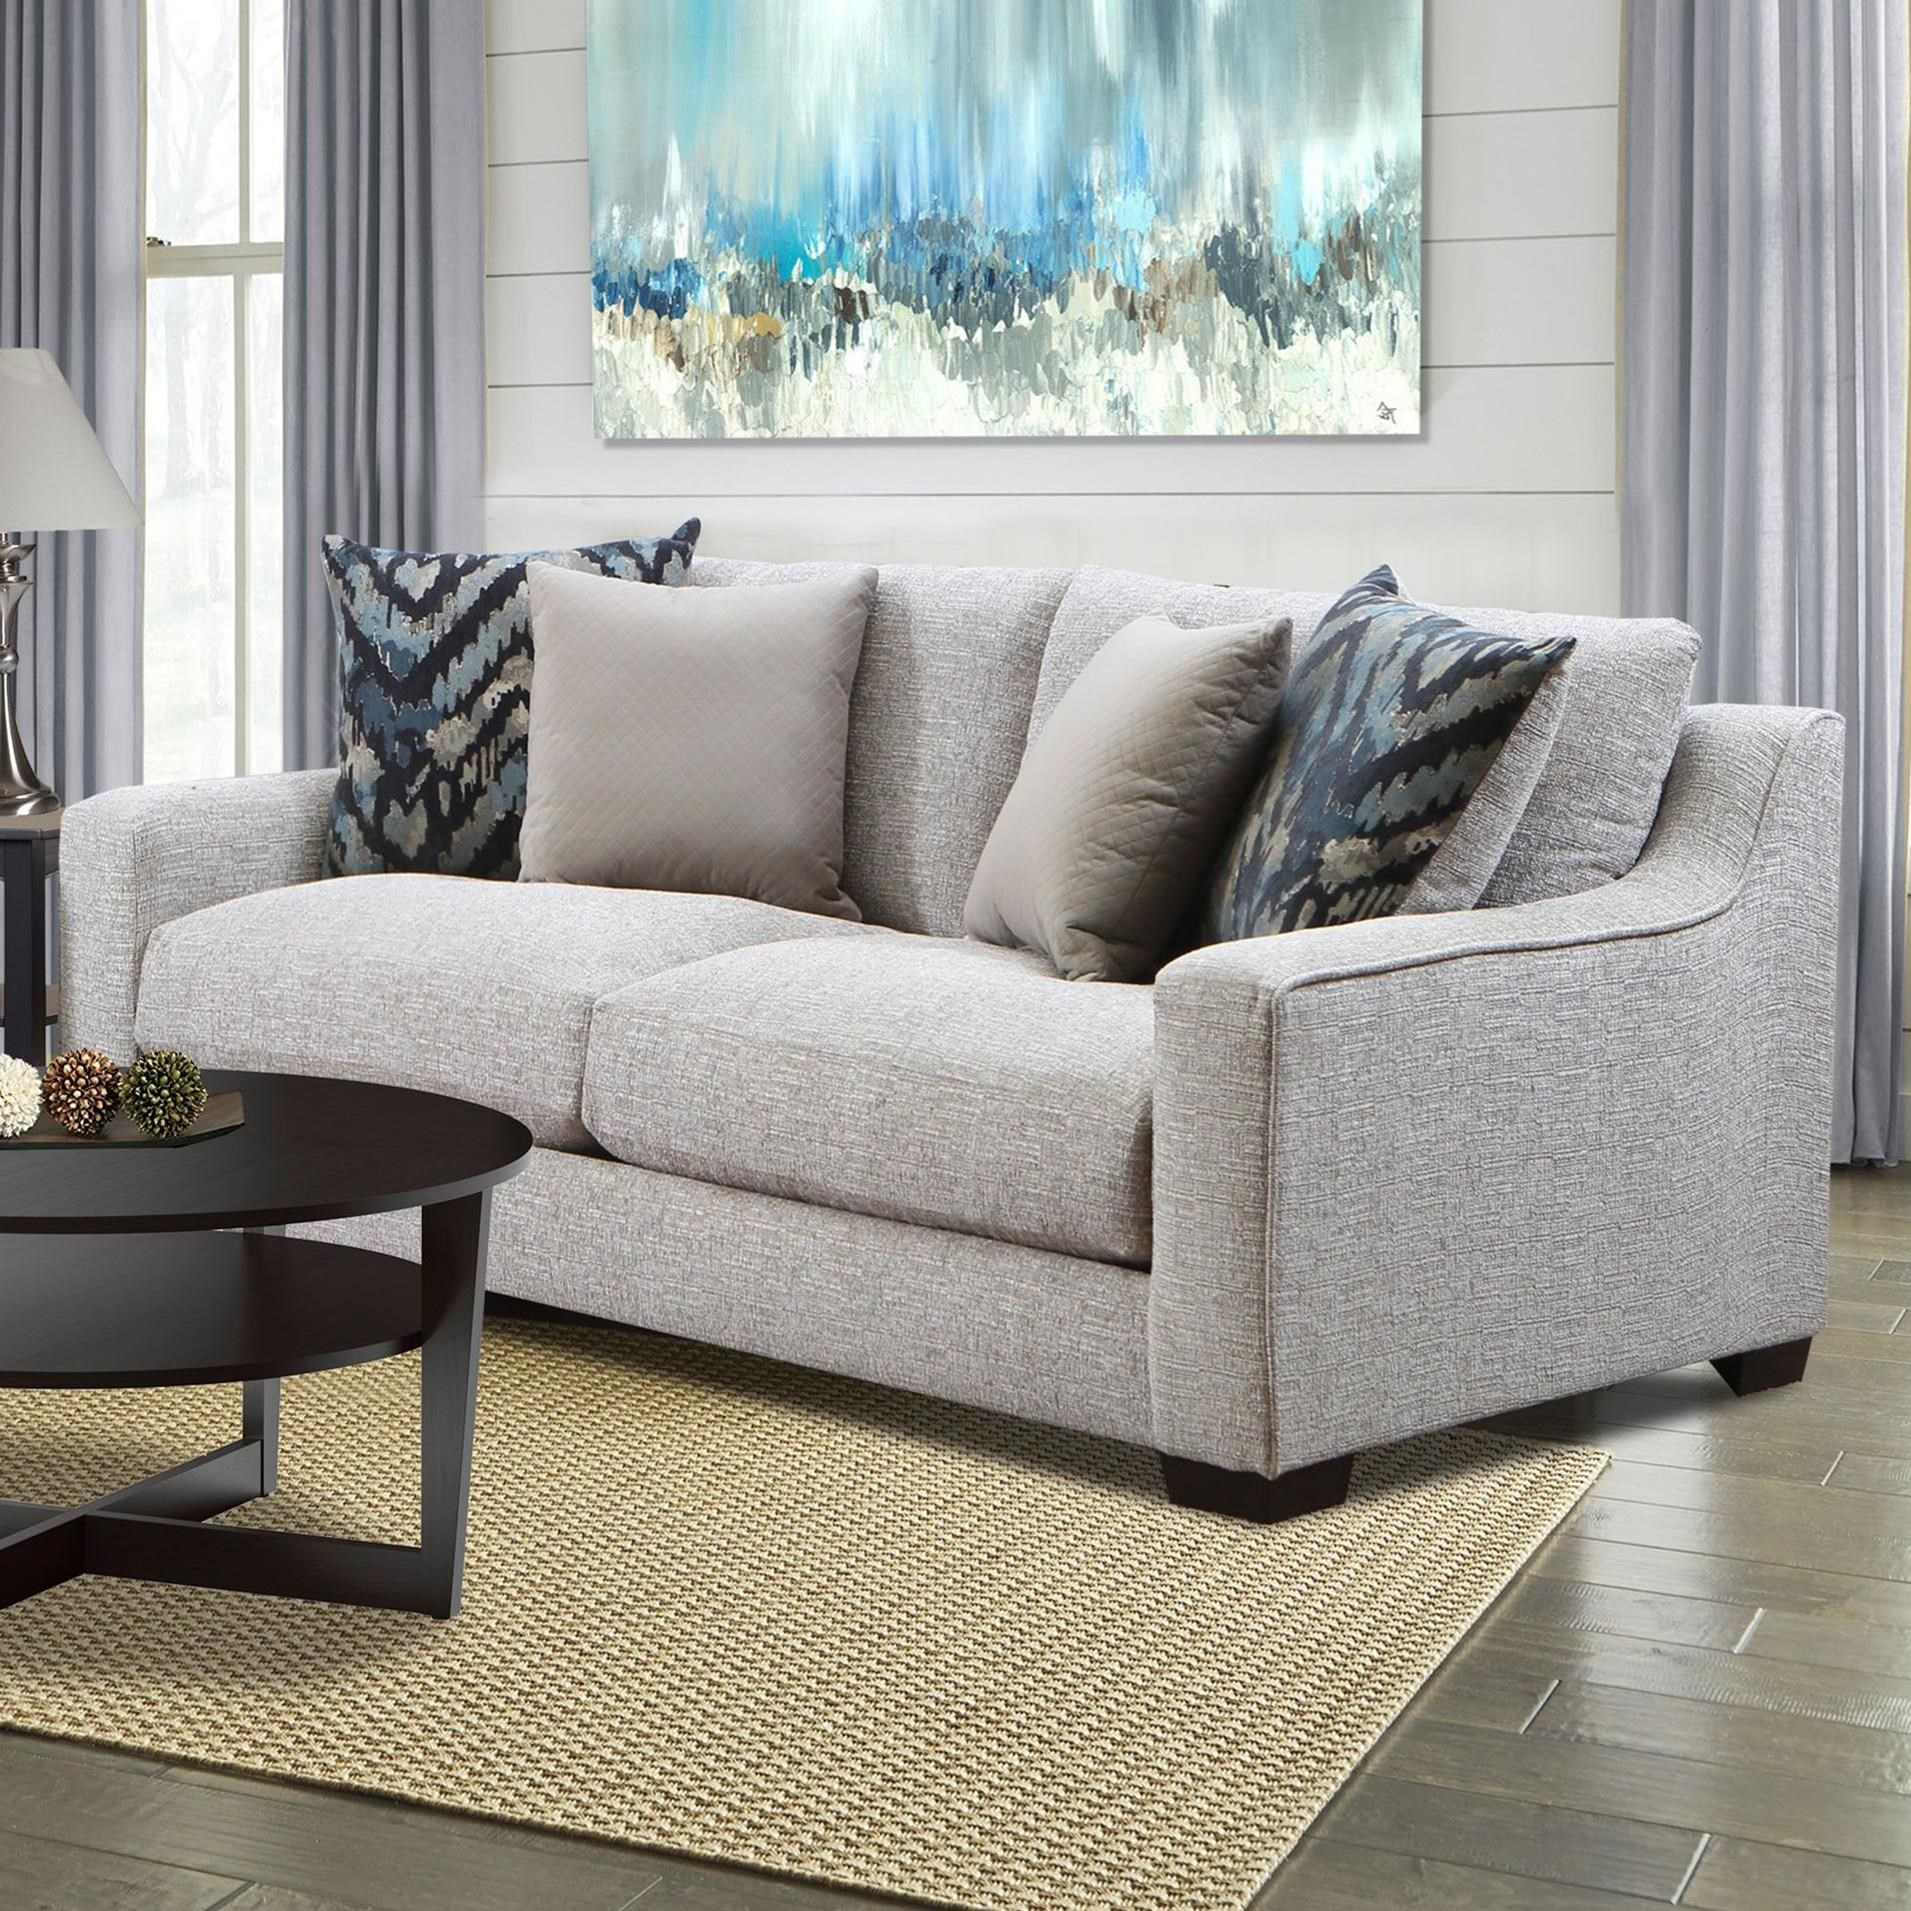 American Furniture 1400 Sofa - Item Number: 1403-2005